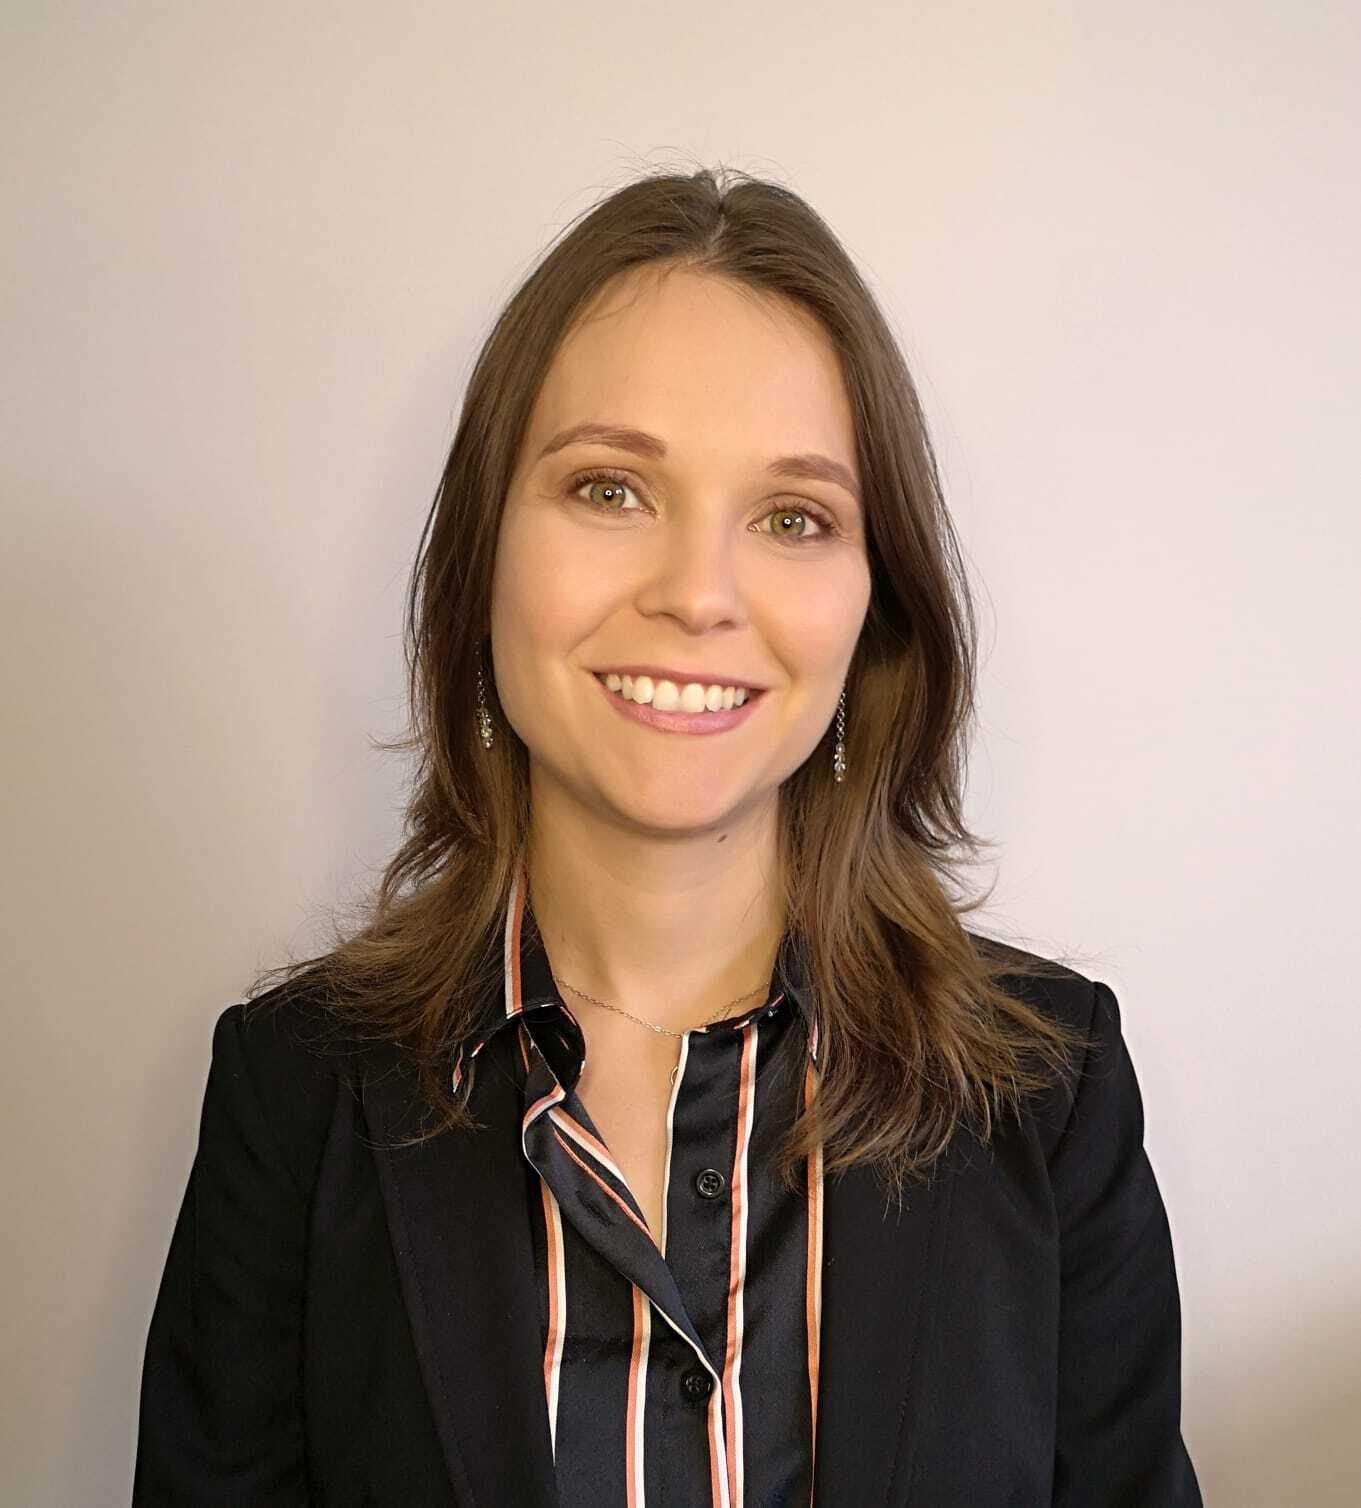 Prof. Tamara Pawluk